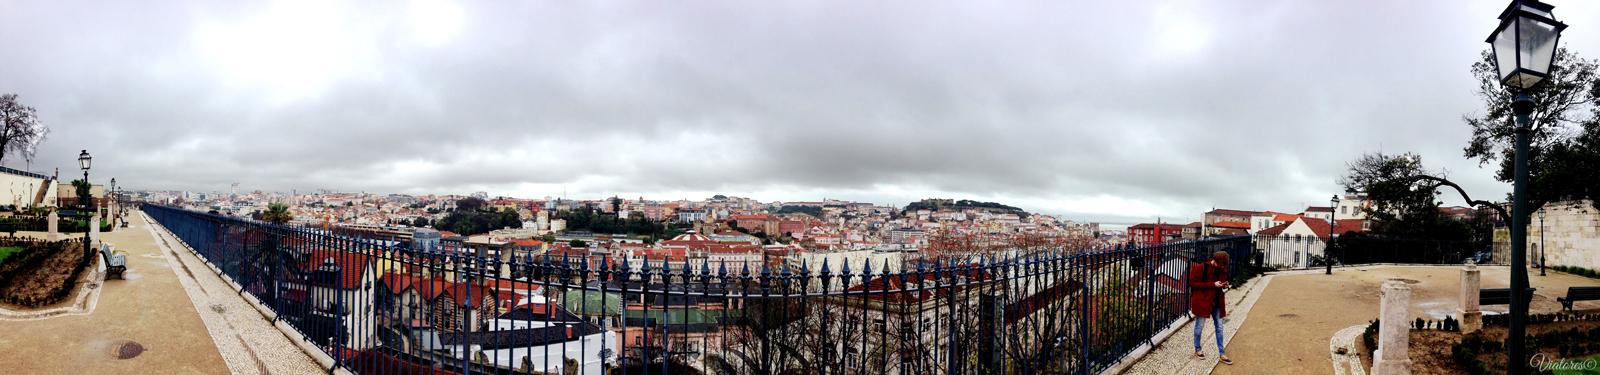 Miradouro de Sao Pedro de Alcantara.Lisbon. Portugal